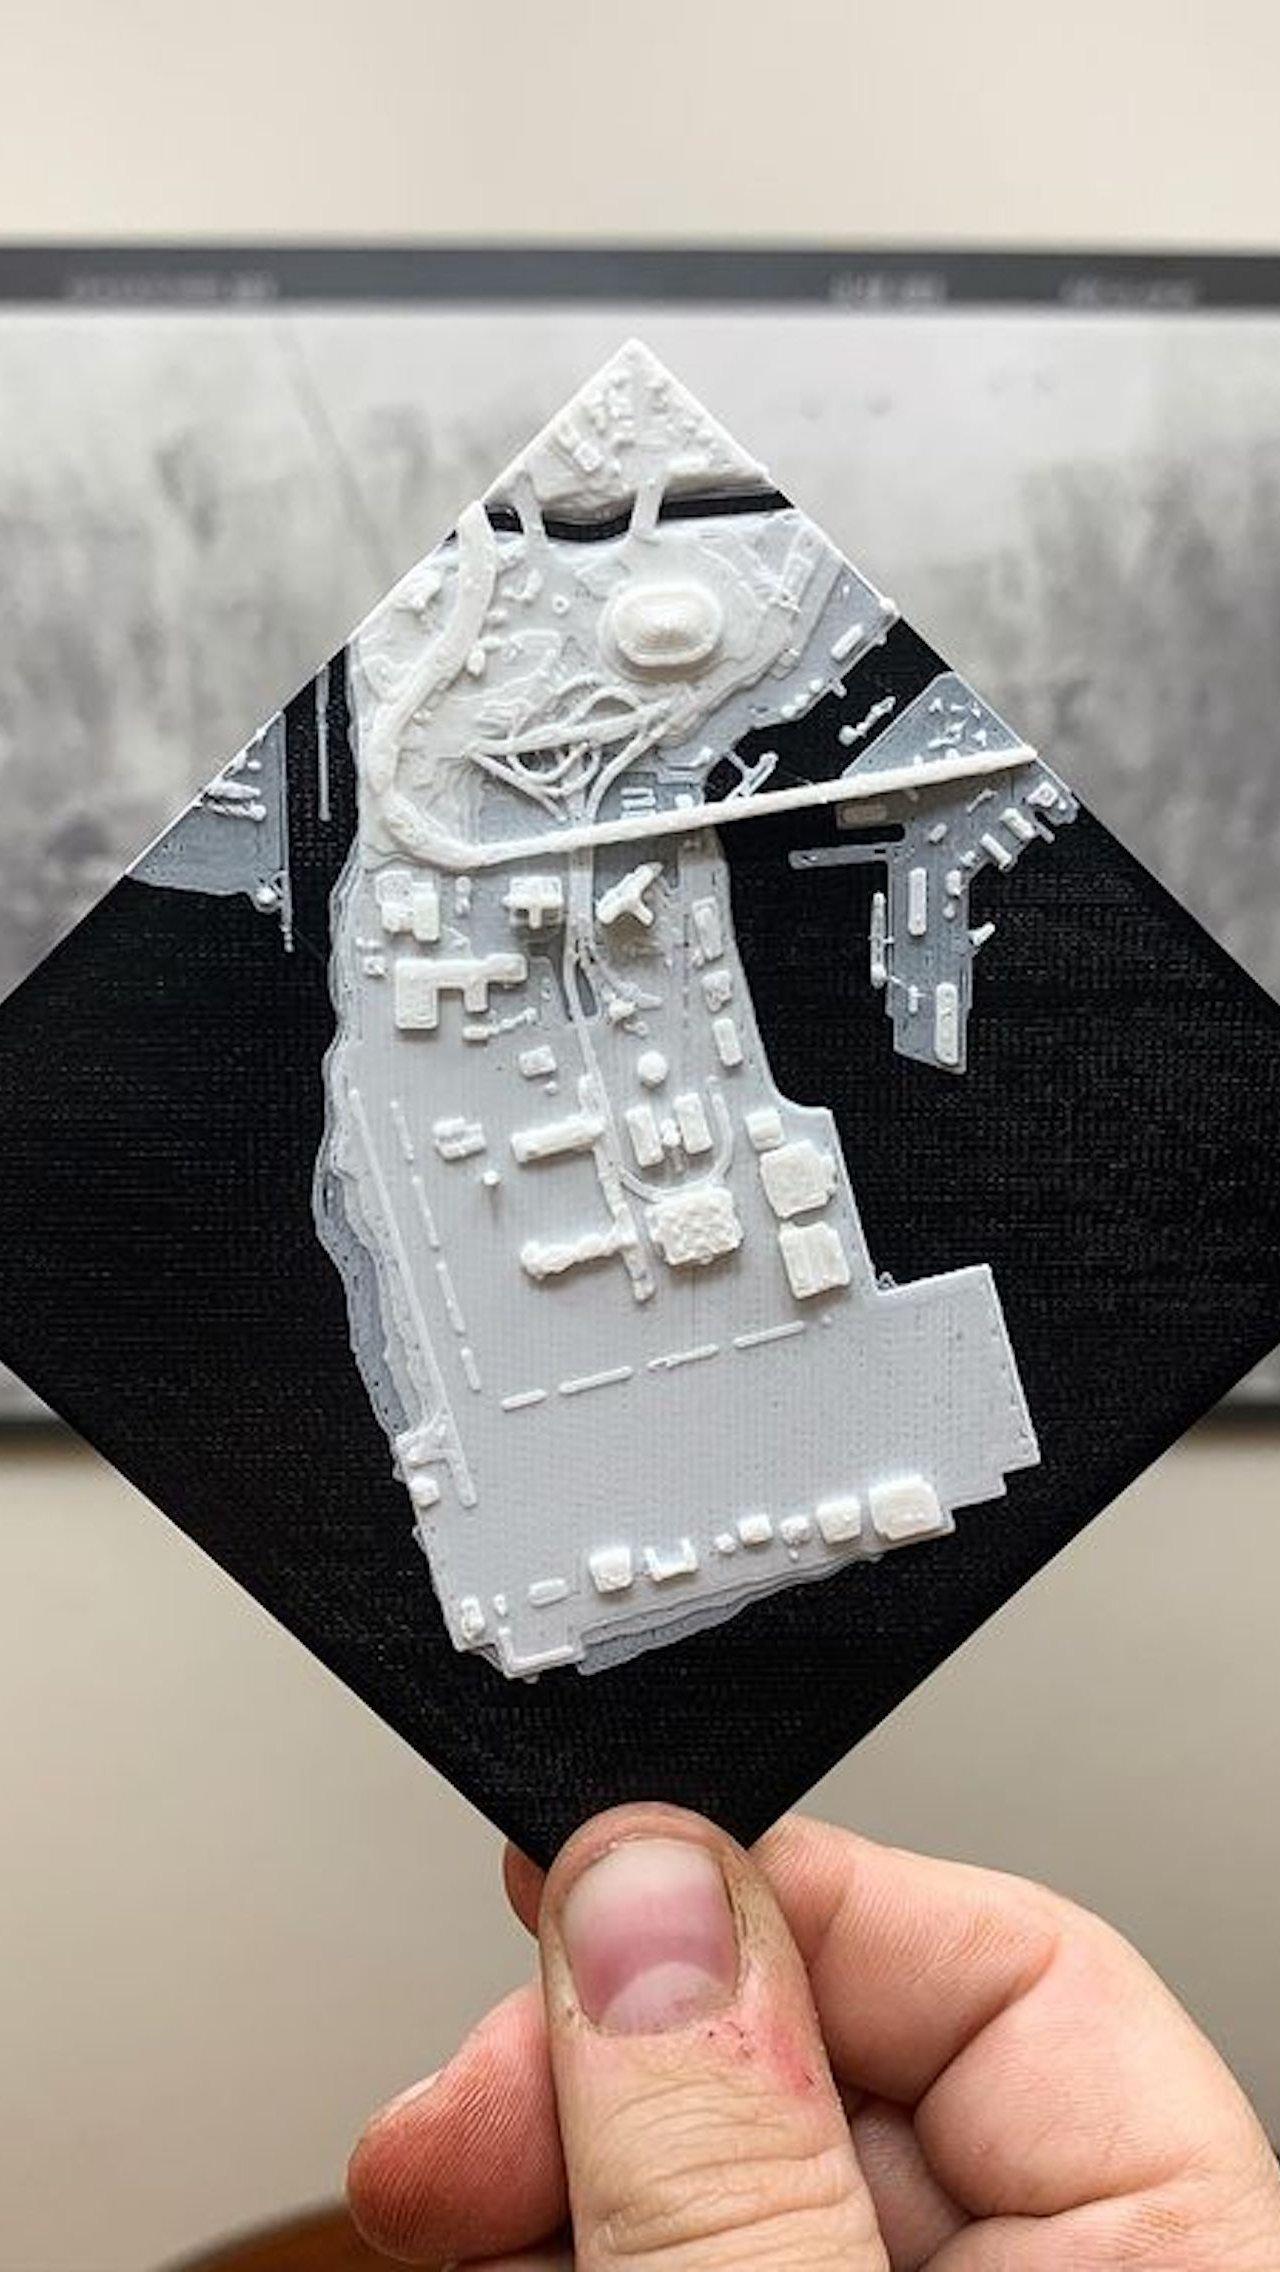 Карта из GTA V на 3D-принтере. Дизайнер собрал её за 400 часов